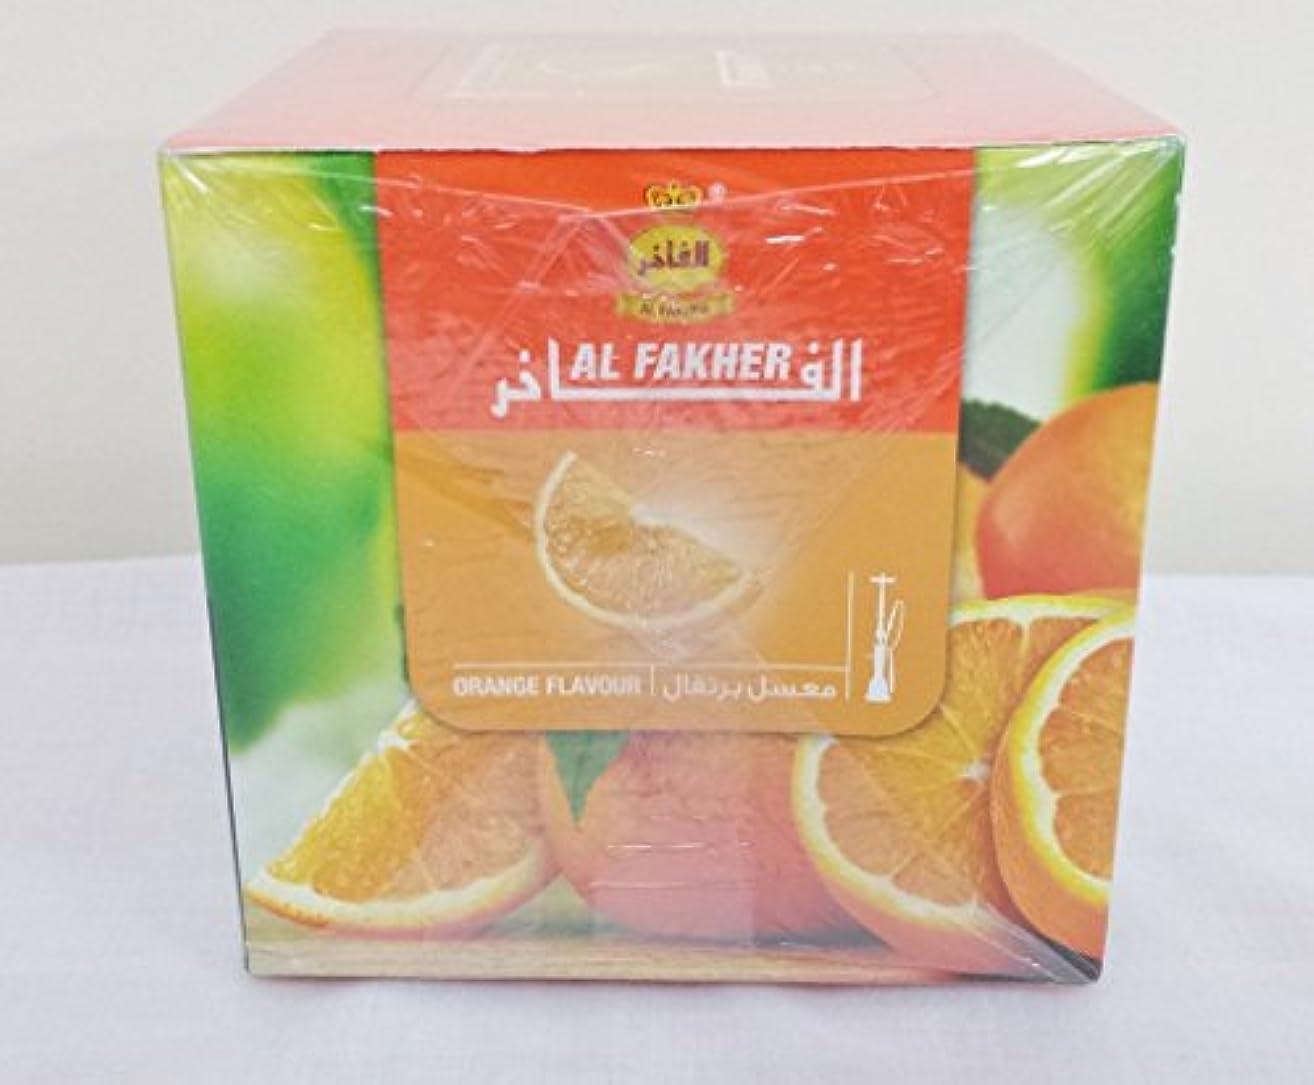 誘惑丁寧海藻1 kg。Al Fakher Shisha Molasses – NonタバコオレンジFlavour Hookah水パイプ